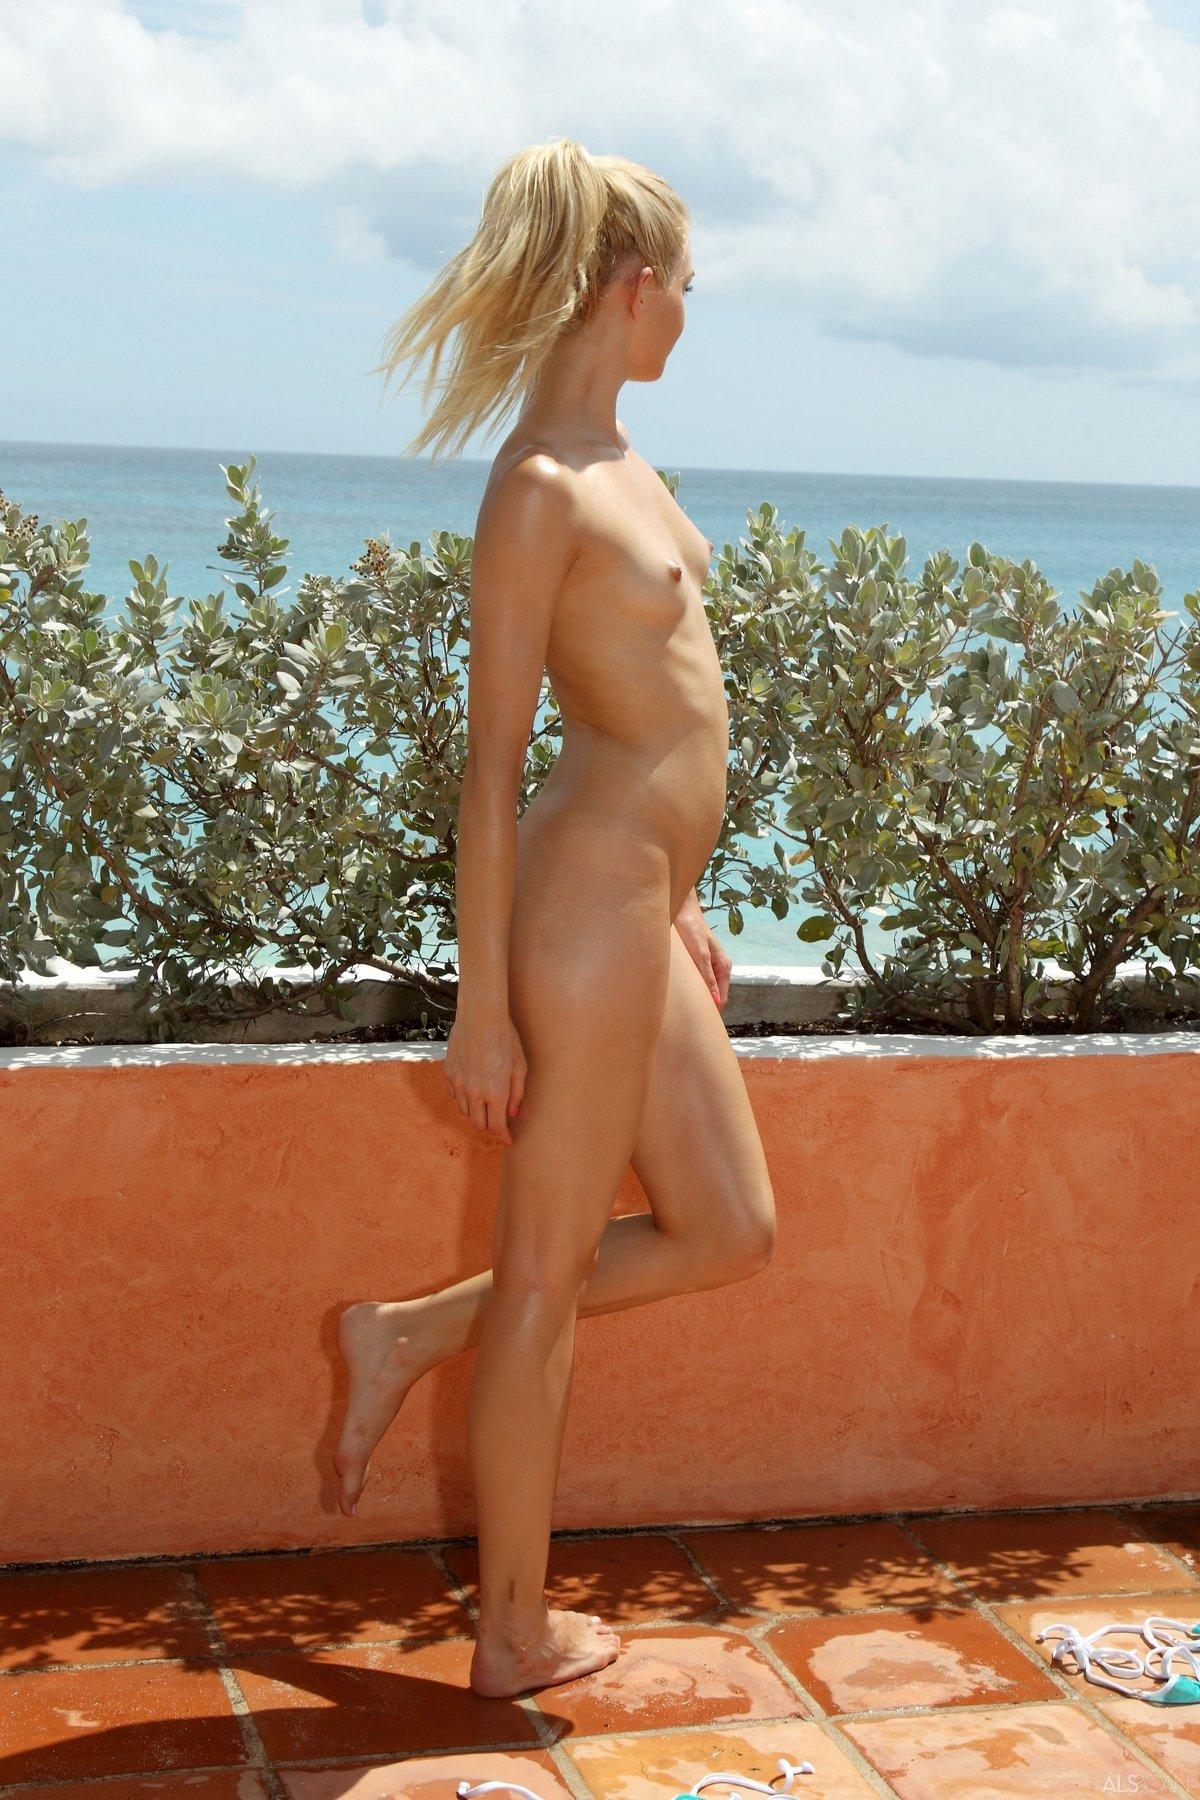 Голая блондинка с маленькой грудью на набережной